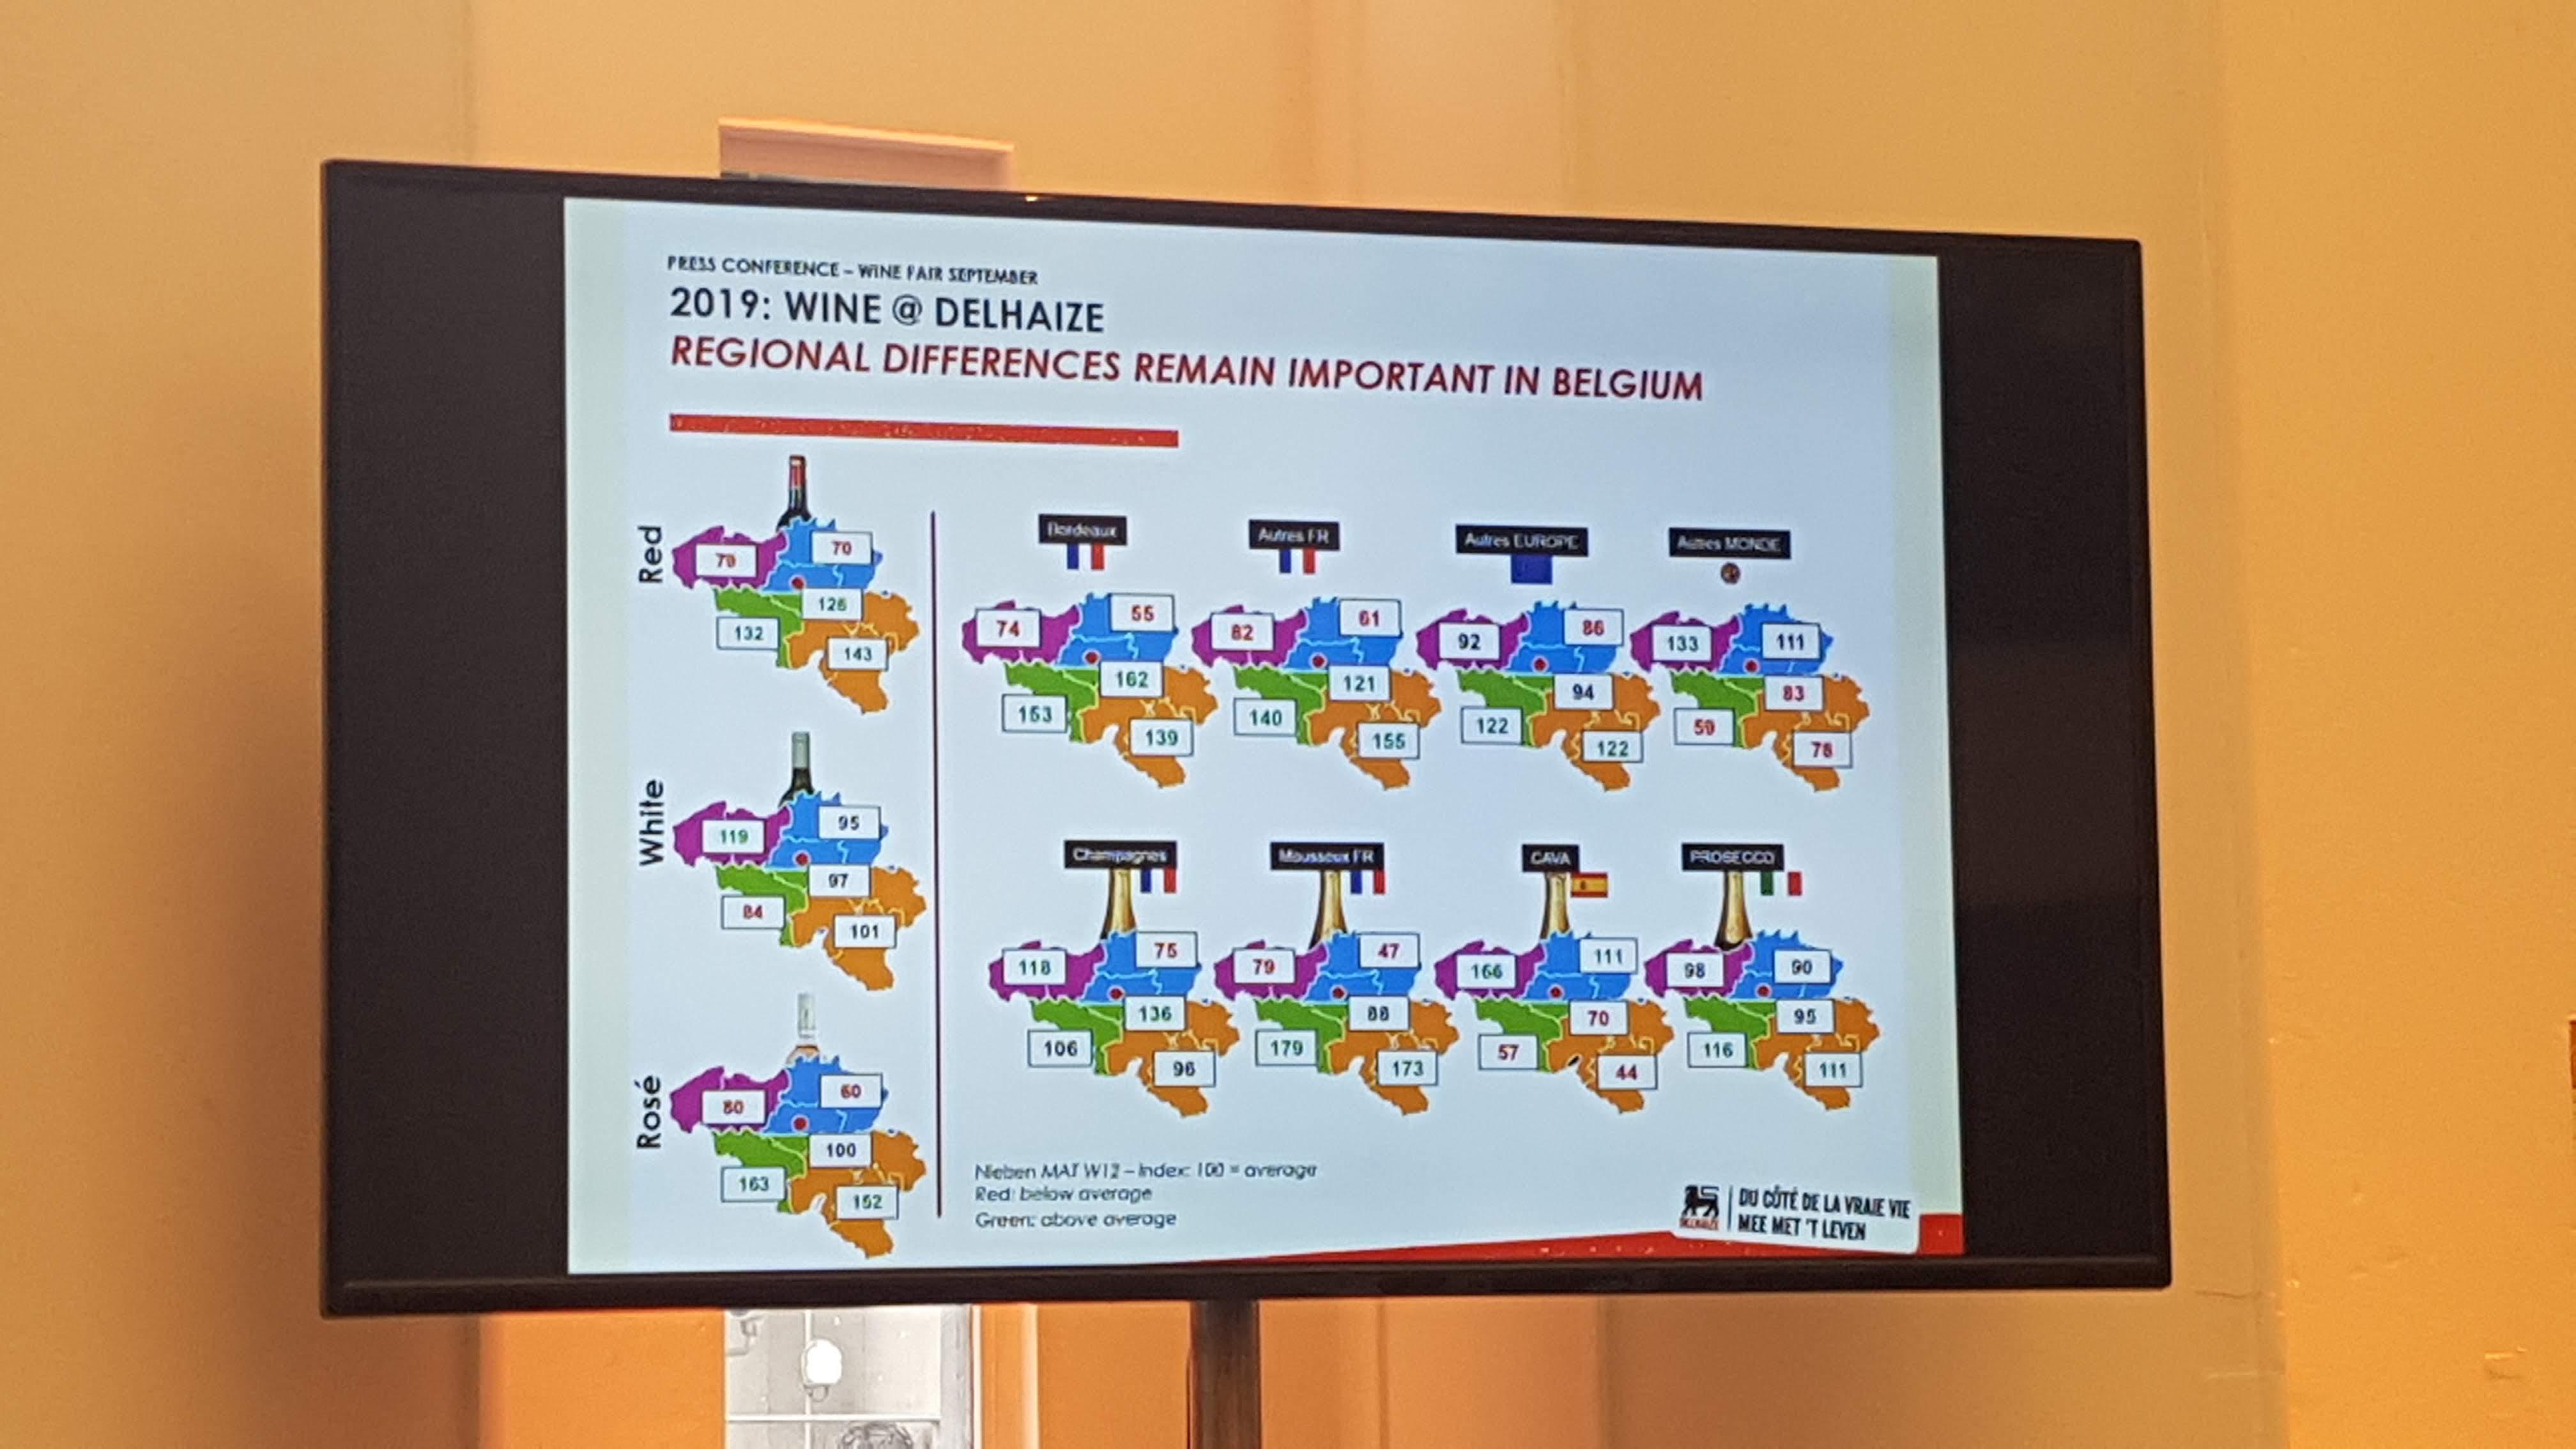 Marketing du vin | Je ne miserais pas tout sur la Flandre